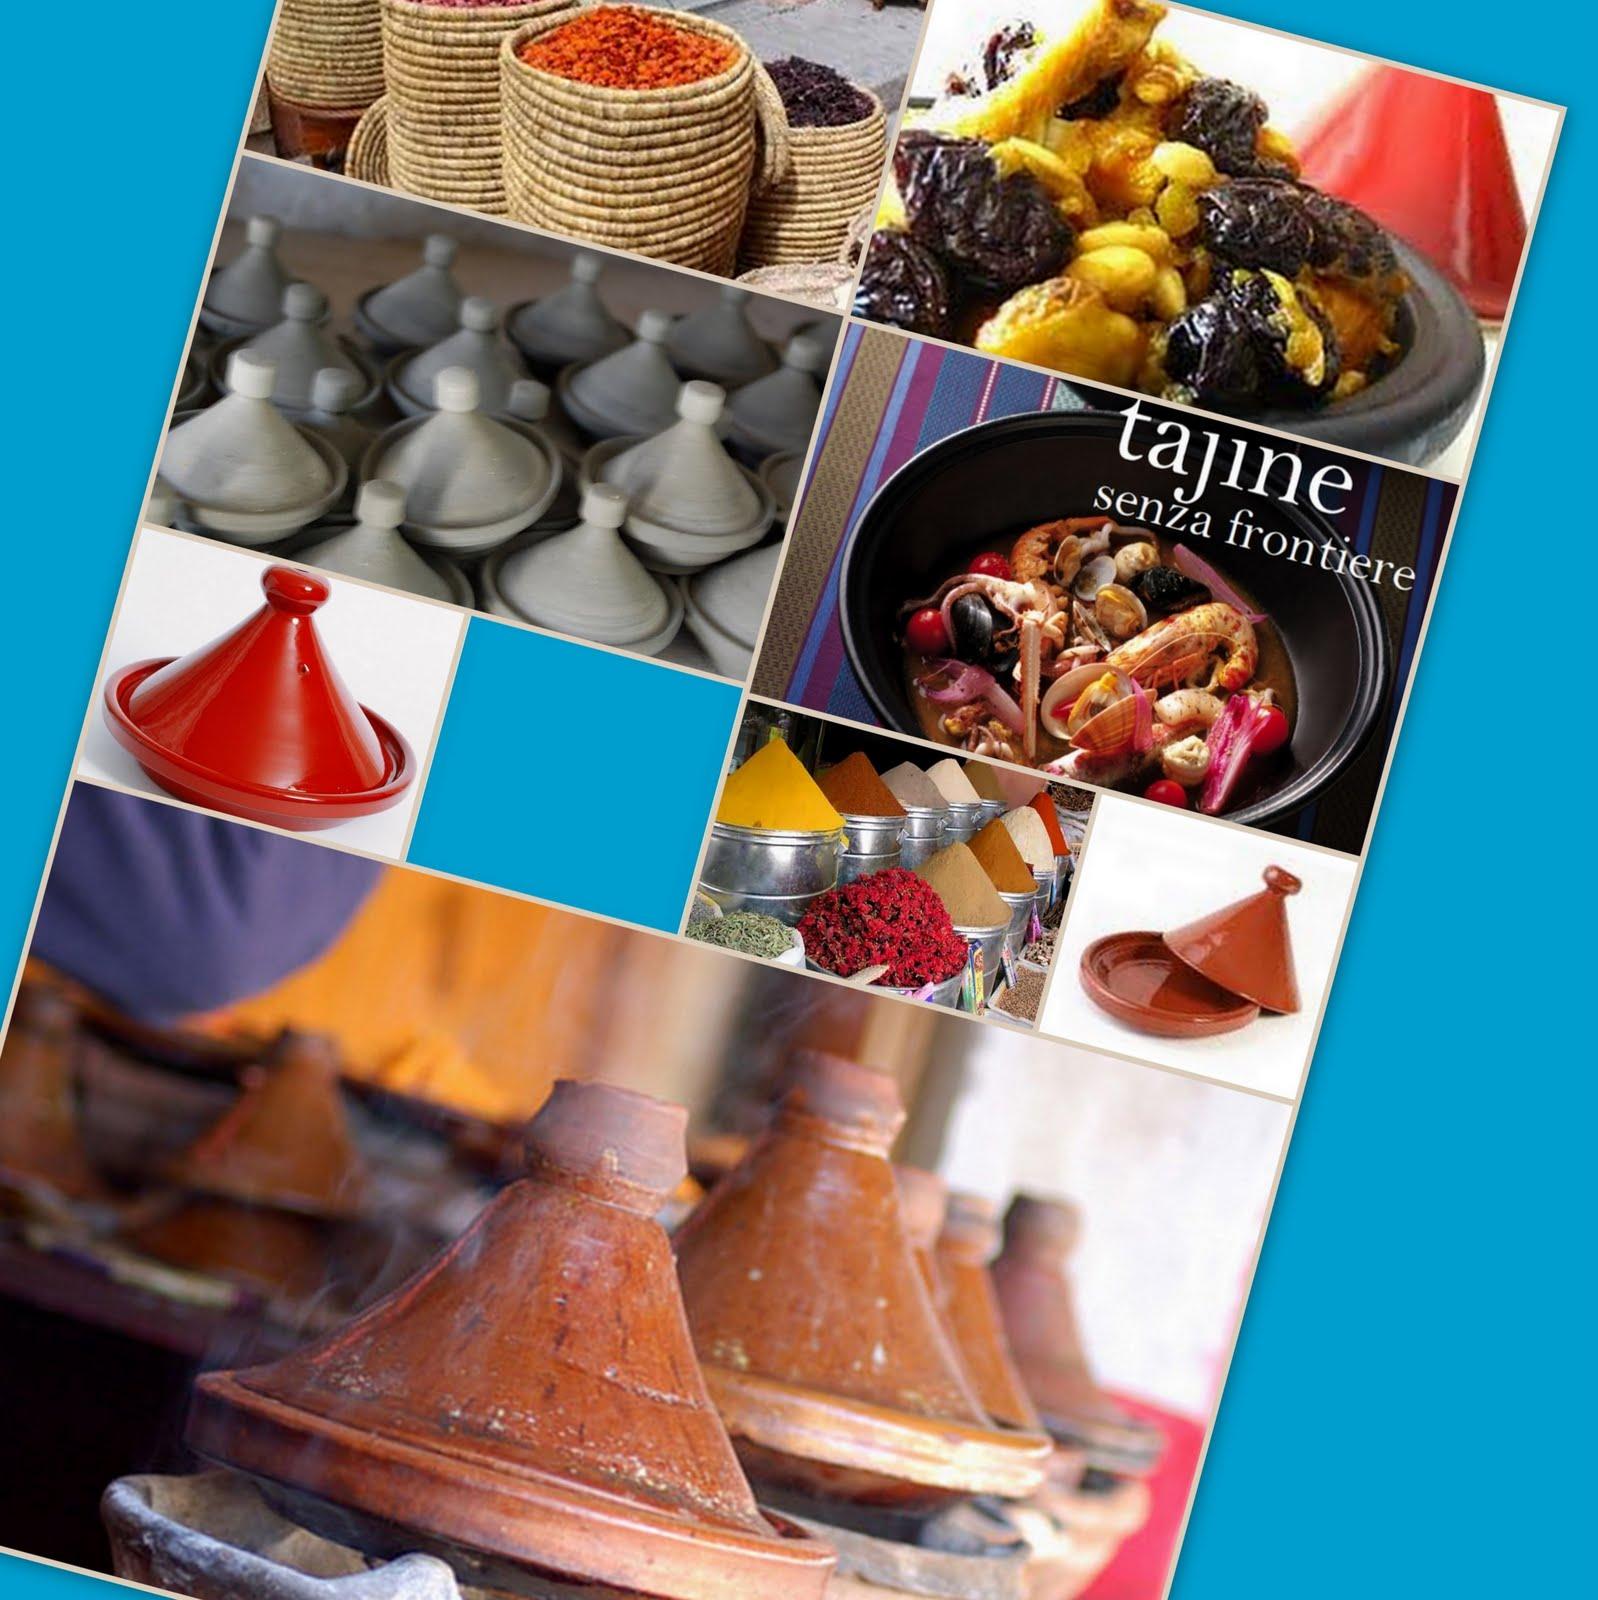 Atelier papille la base della cucina marocchina il tajine for Food and bar jine forbach